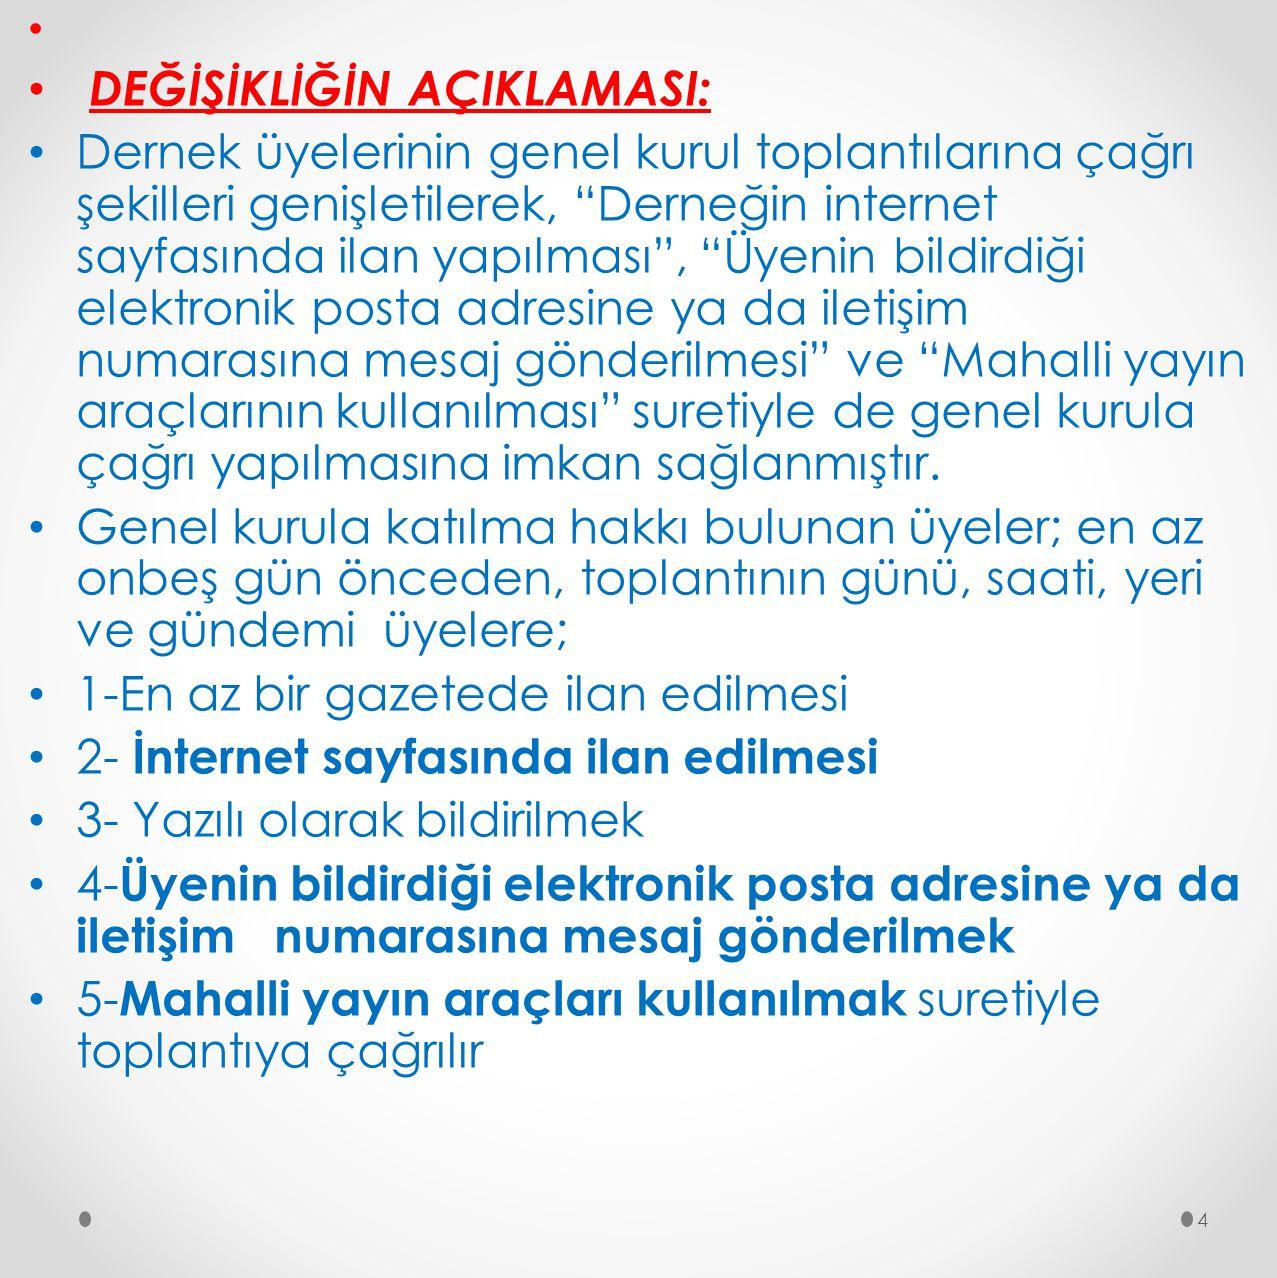 """DEĞİŞİKLİĞİN AÇIKLAMASI: Dernek üyelerinin genel kurul toplantılarına çağrı şekilleri genişletilerek, """"Derneğin internet sayfasında ilan yapılması"""", """""""